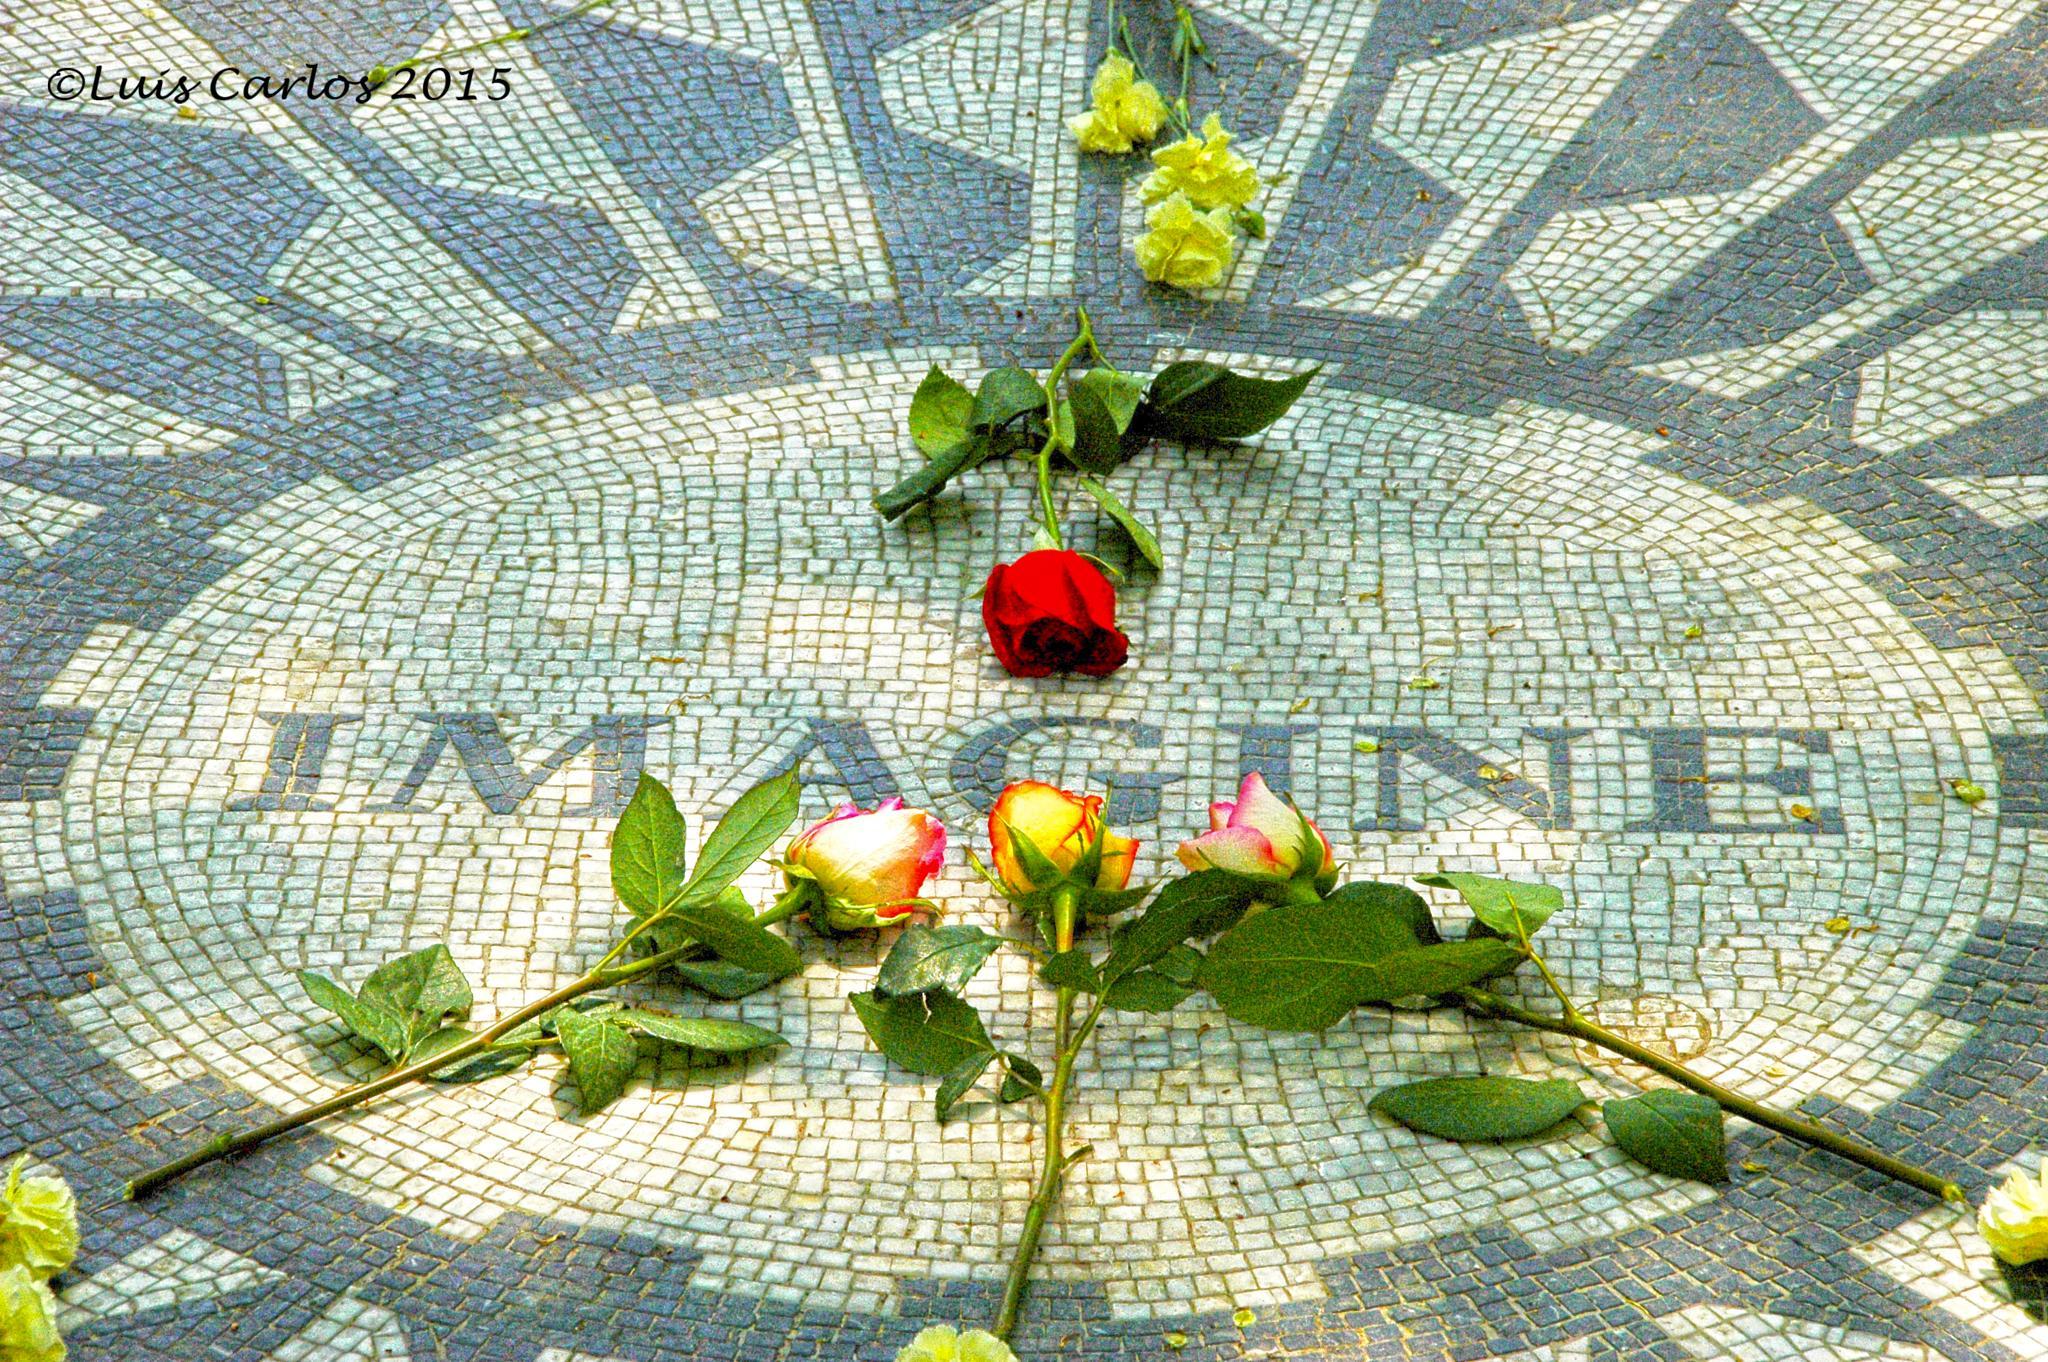 In Memoriam by Luicar